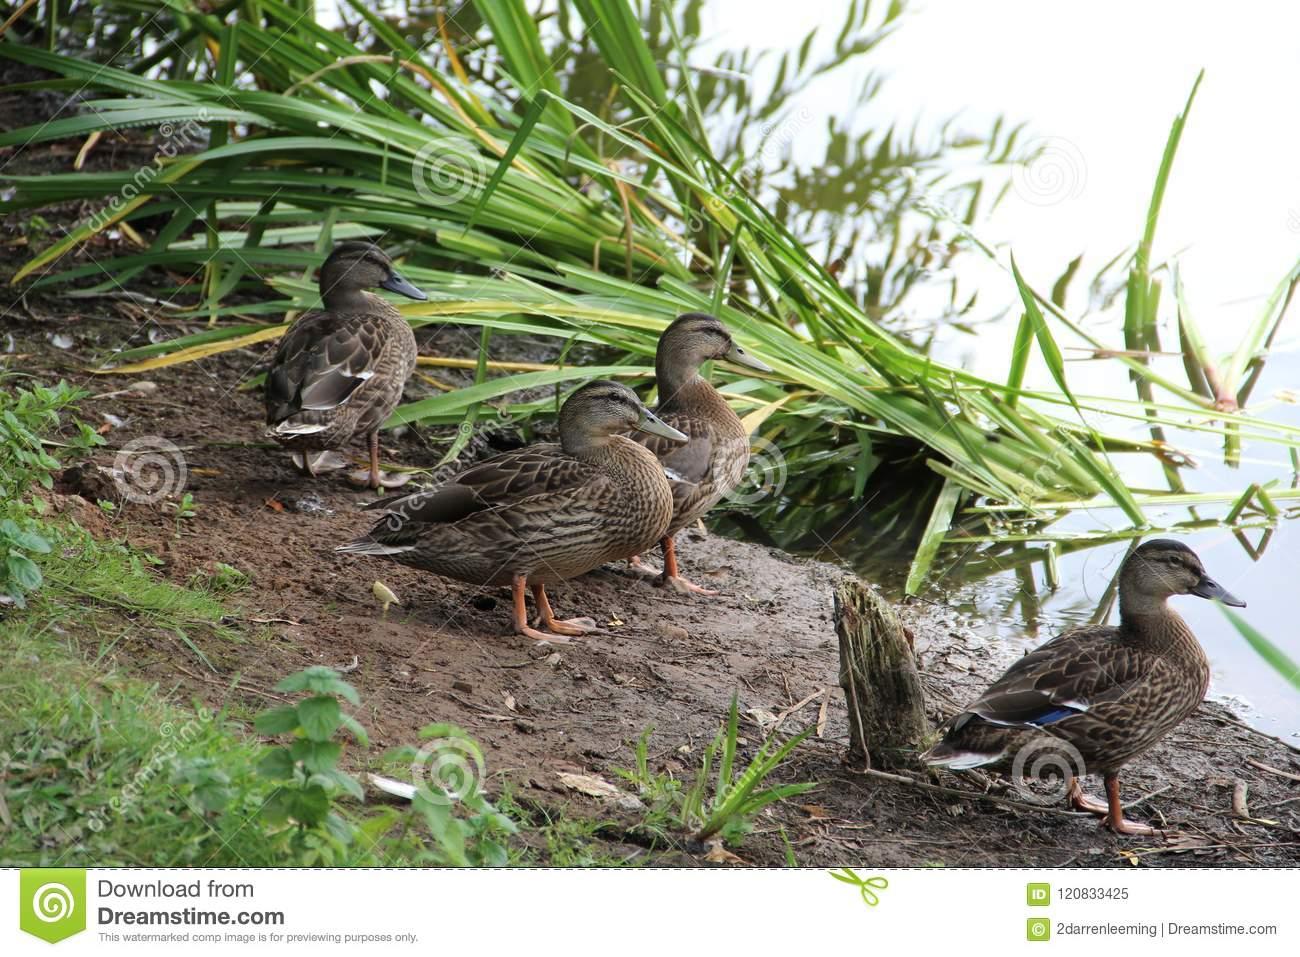 Что едят утки и есть ли разница в питании диких и домашних птиц